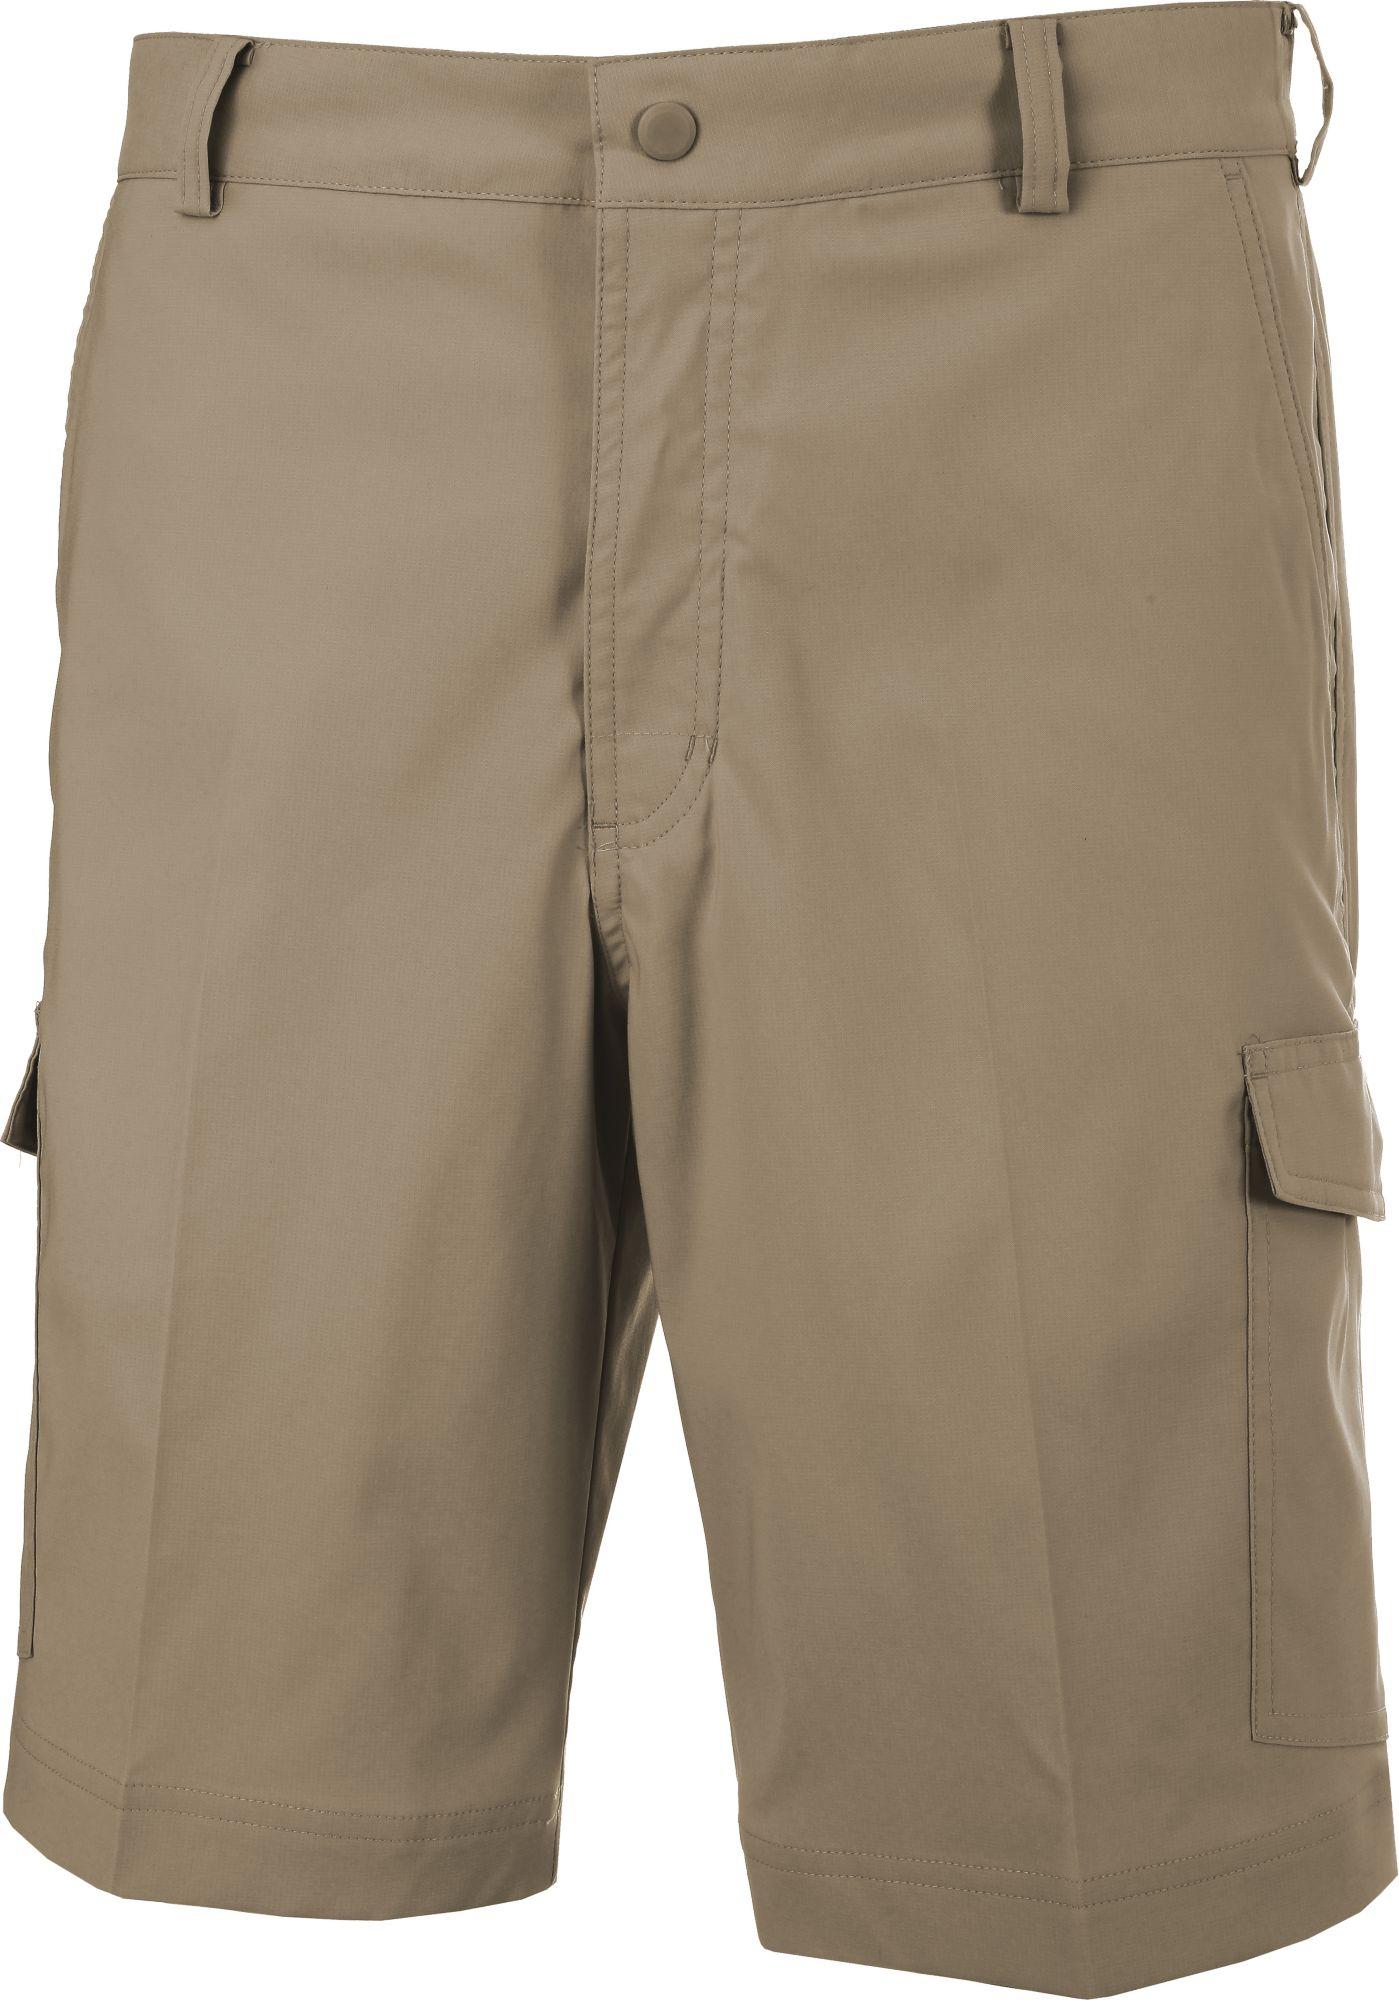 Nike Cargo Shorts | Golf Galaxy